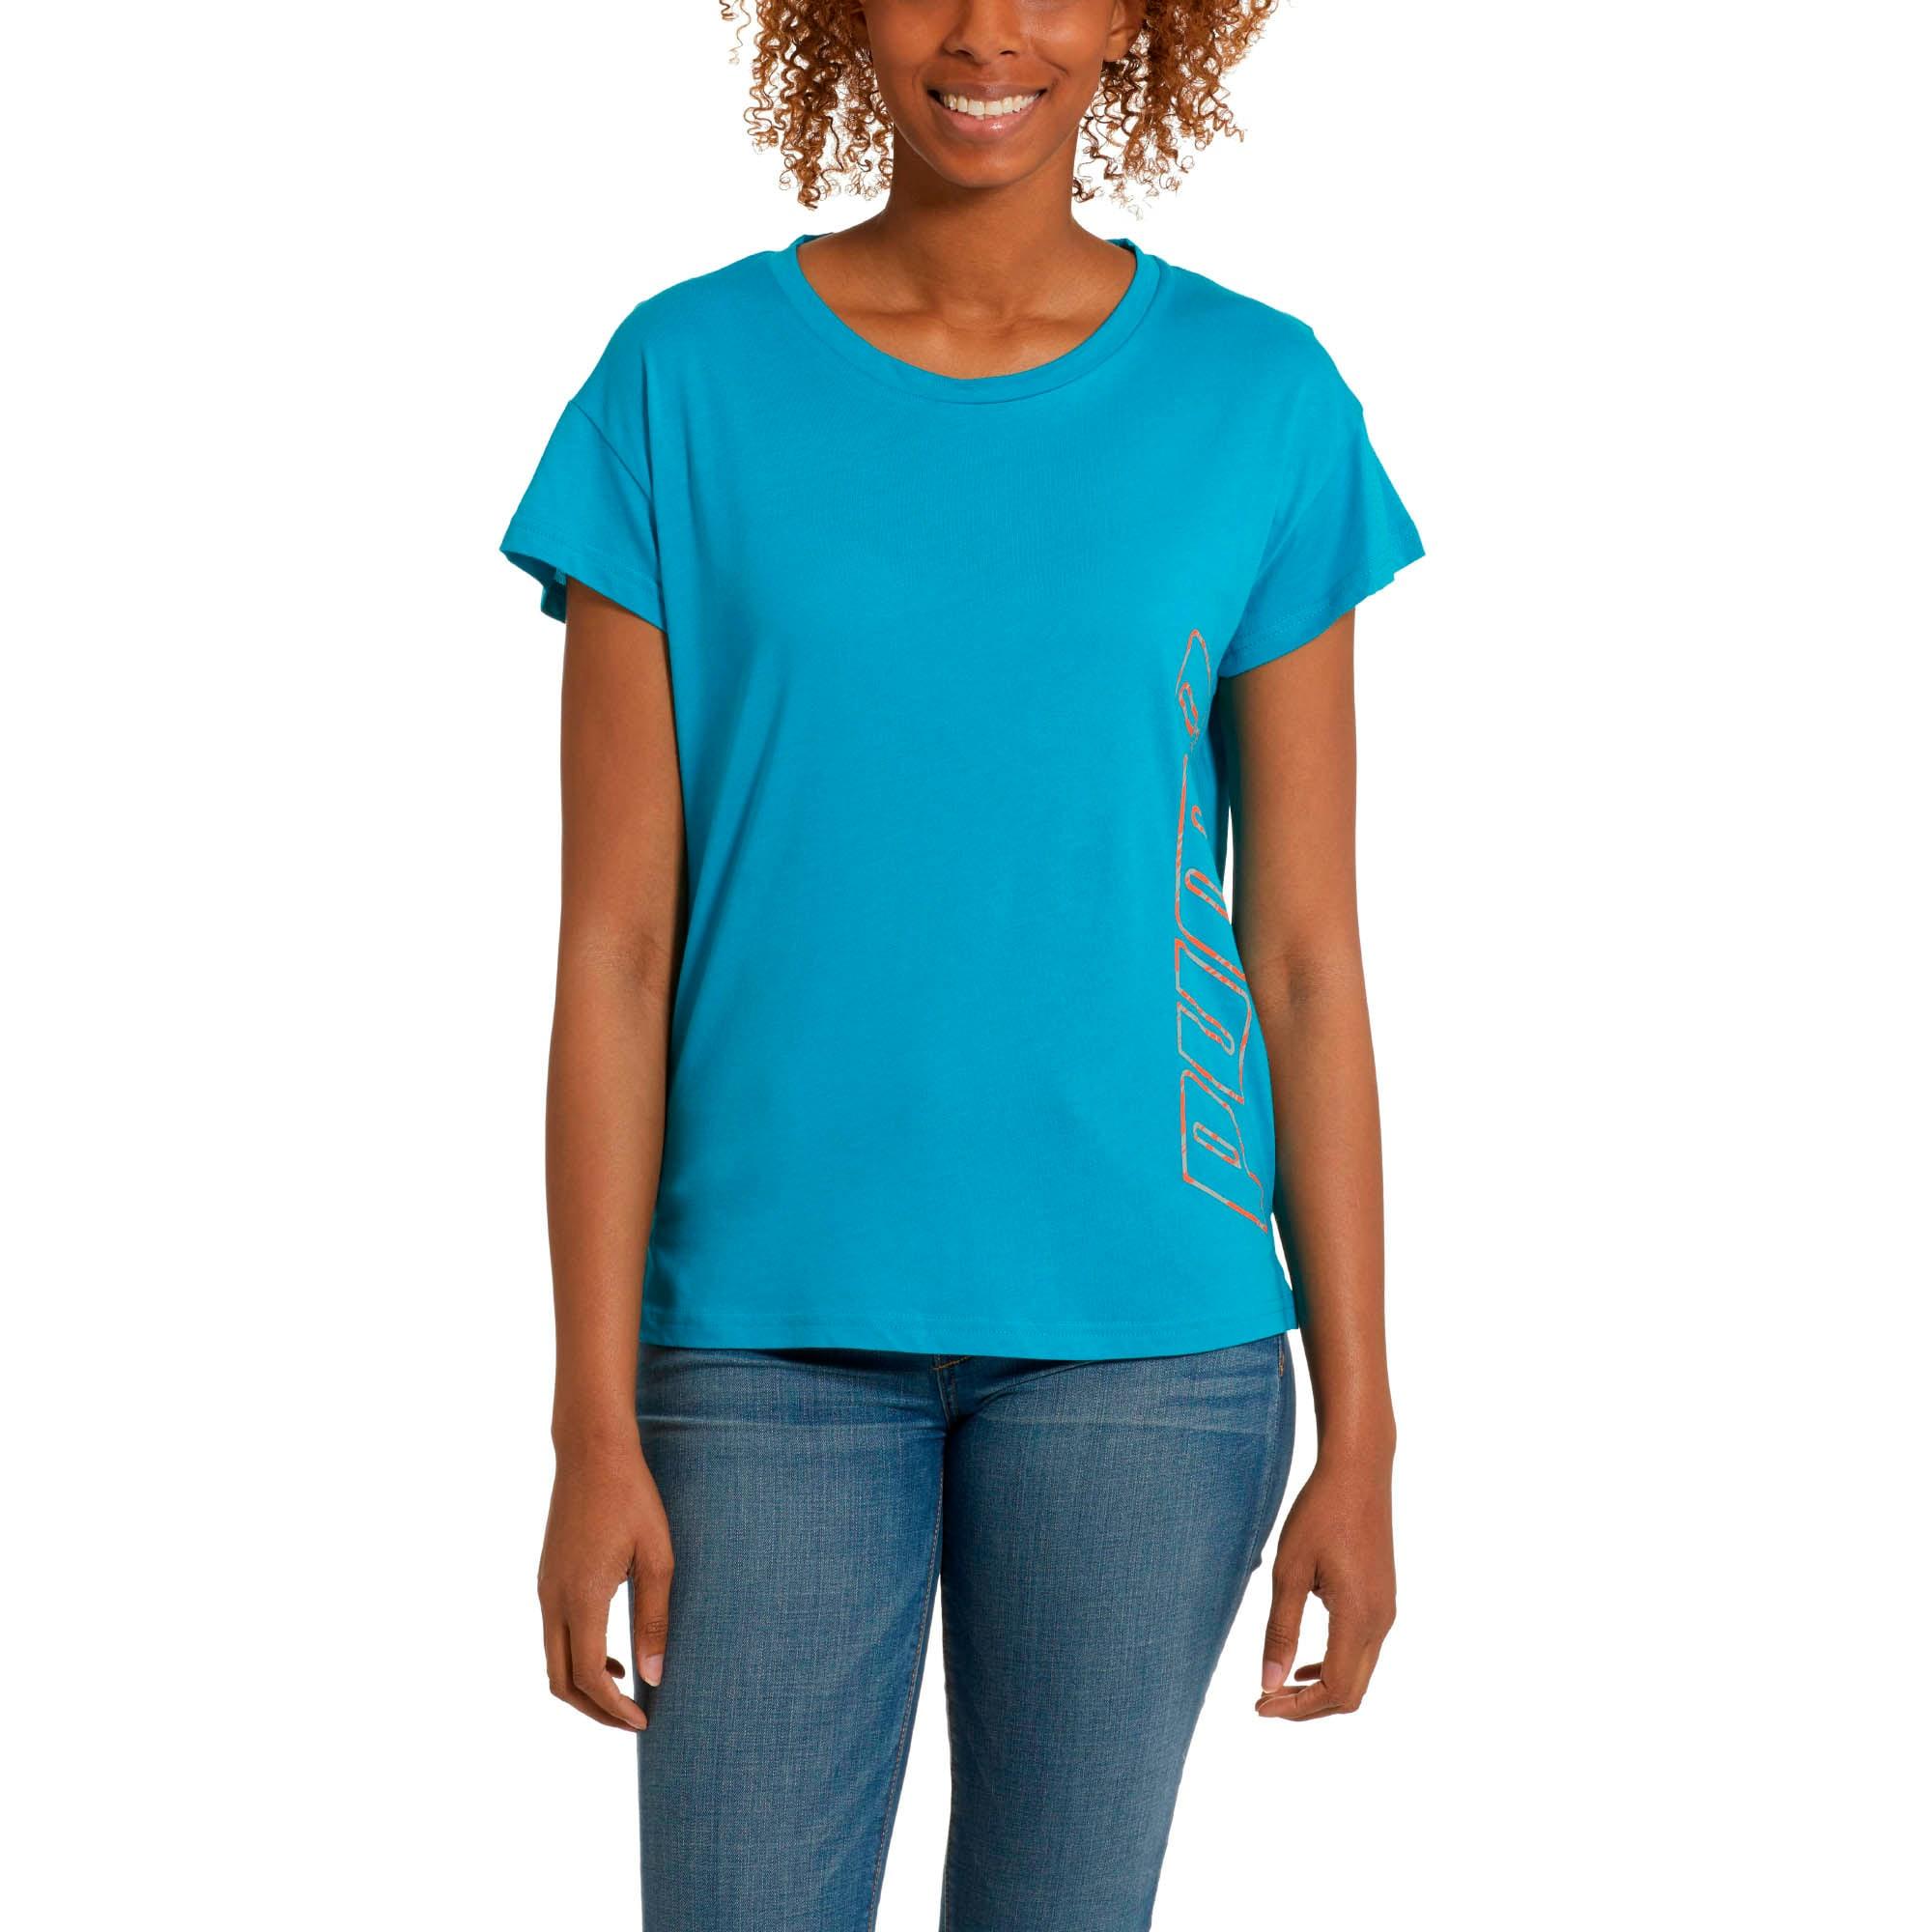 PUMA Damen Modern Sport Graphic Tee T Shirt